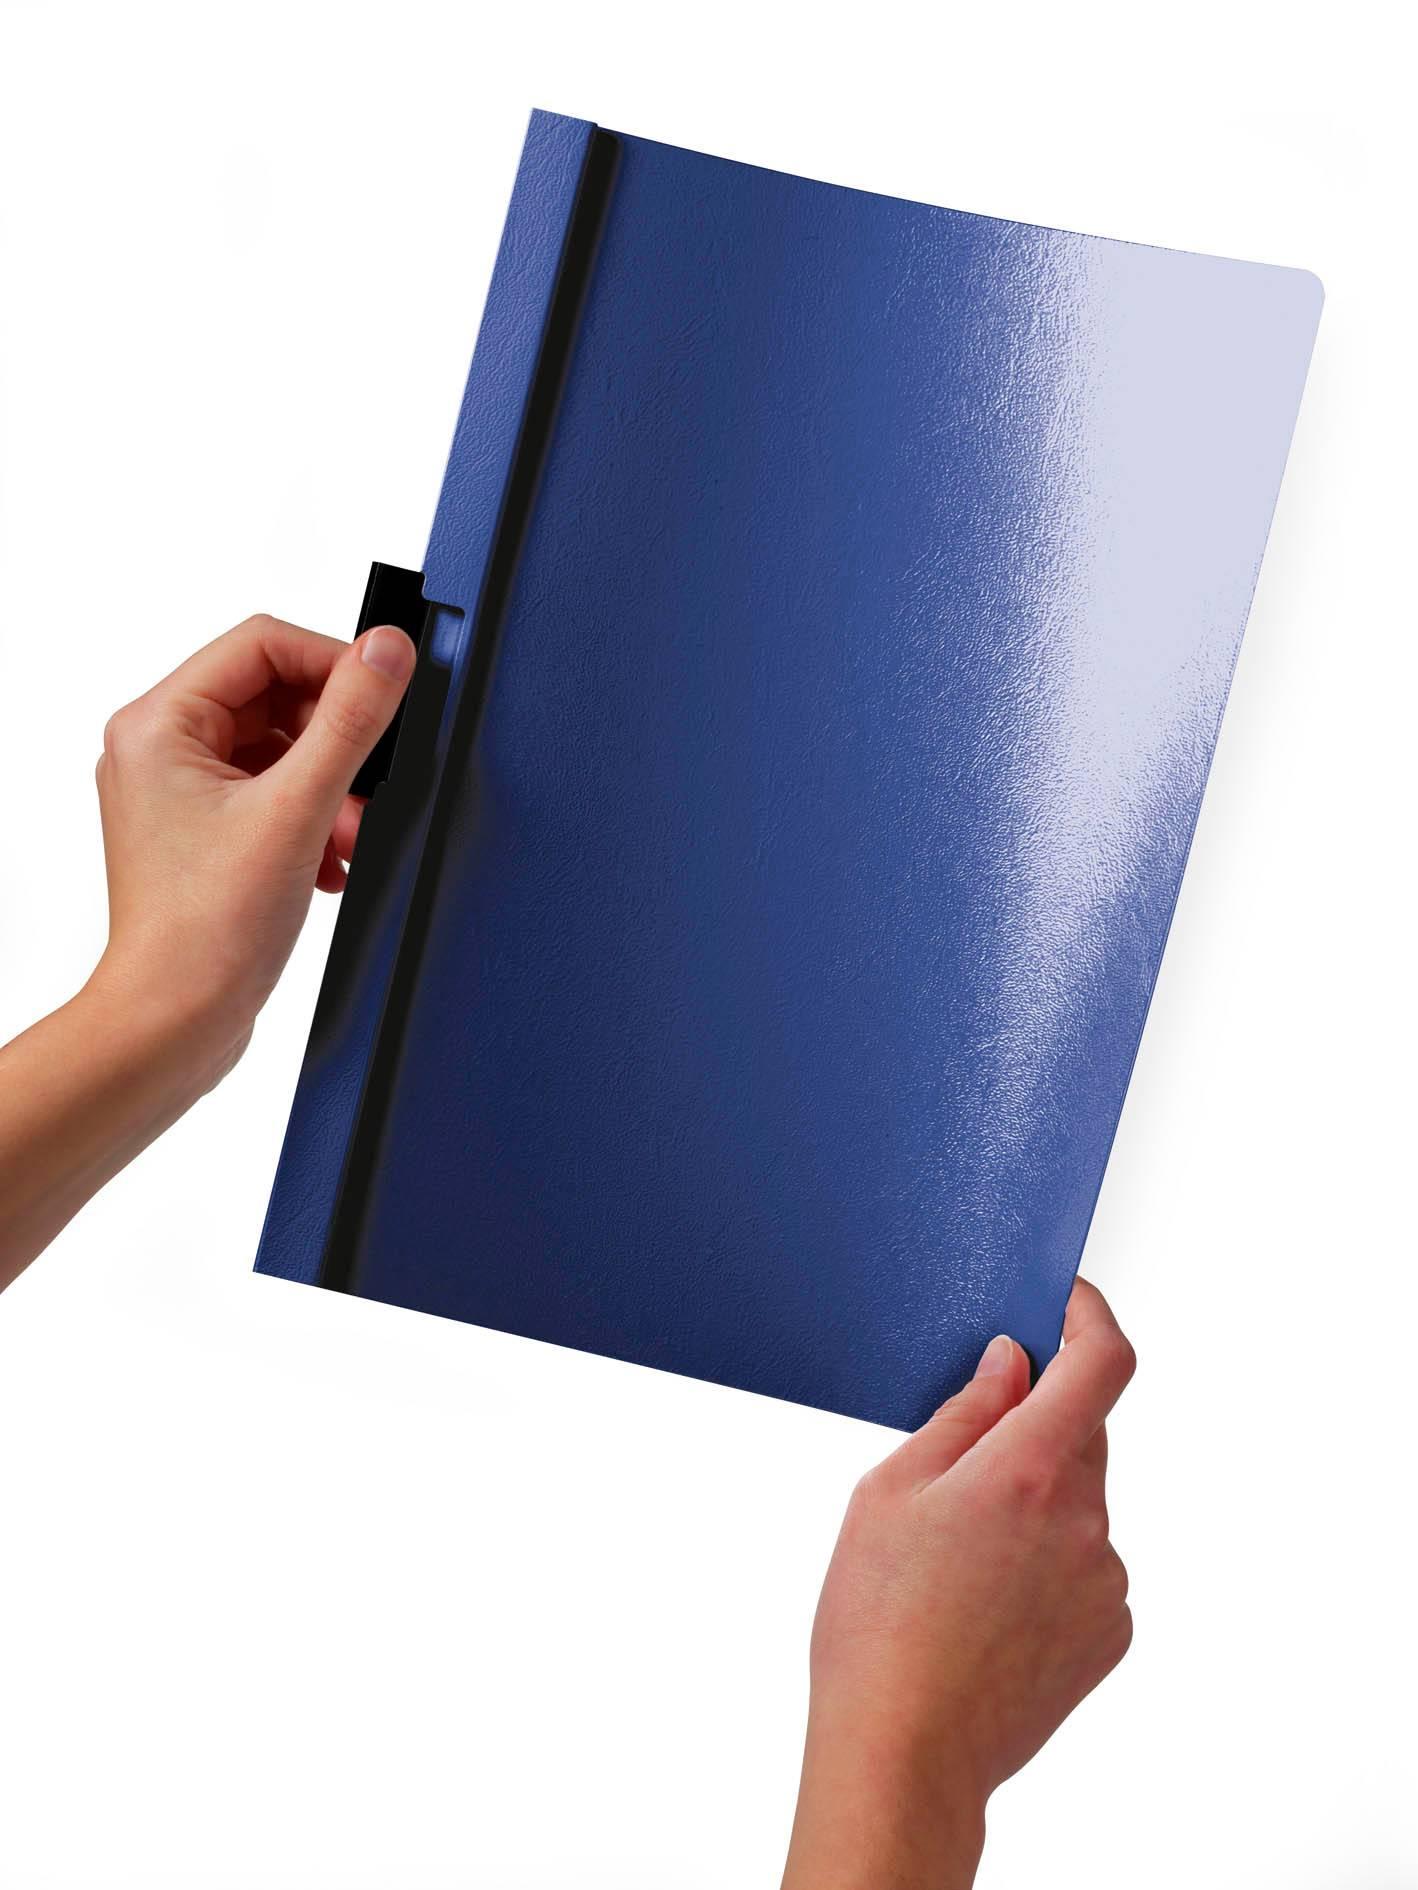 Папка-клип Durable Duraclip 60 с верхним прозрачным листом 1-60 листов черная - фото 1